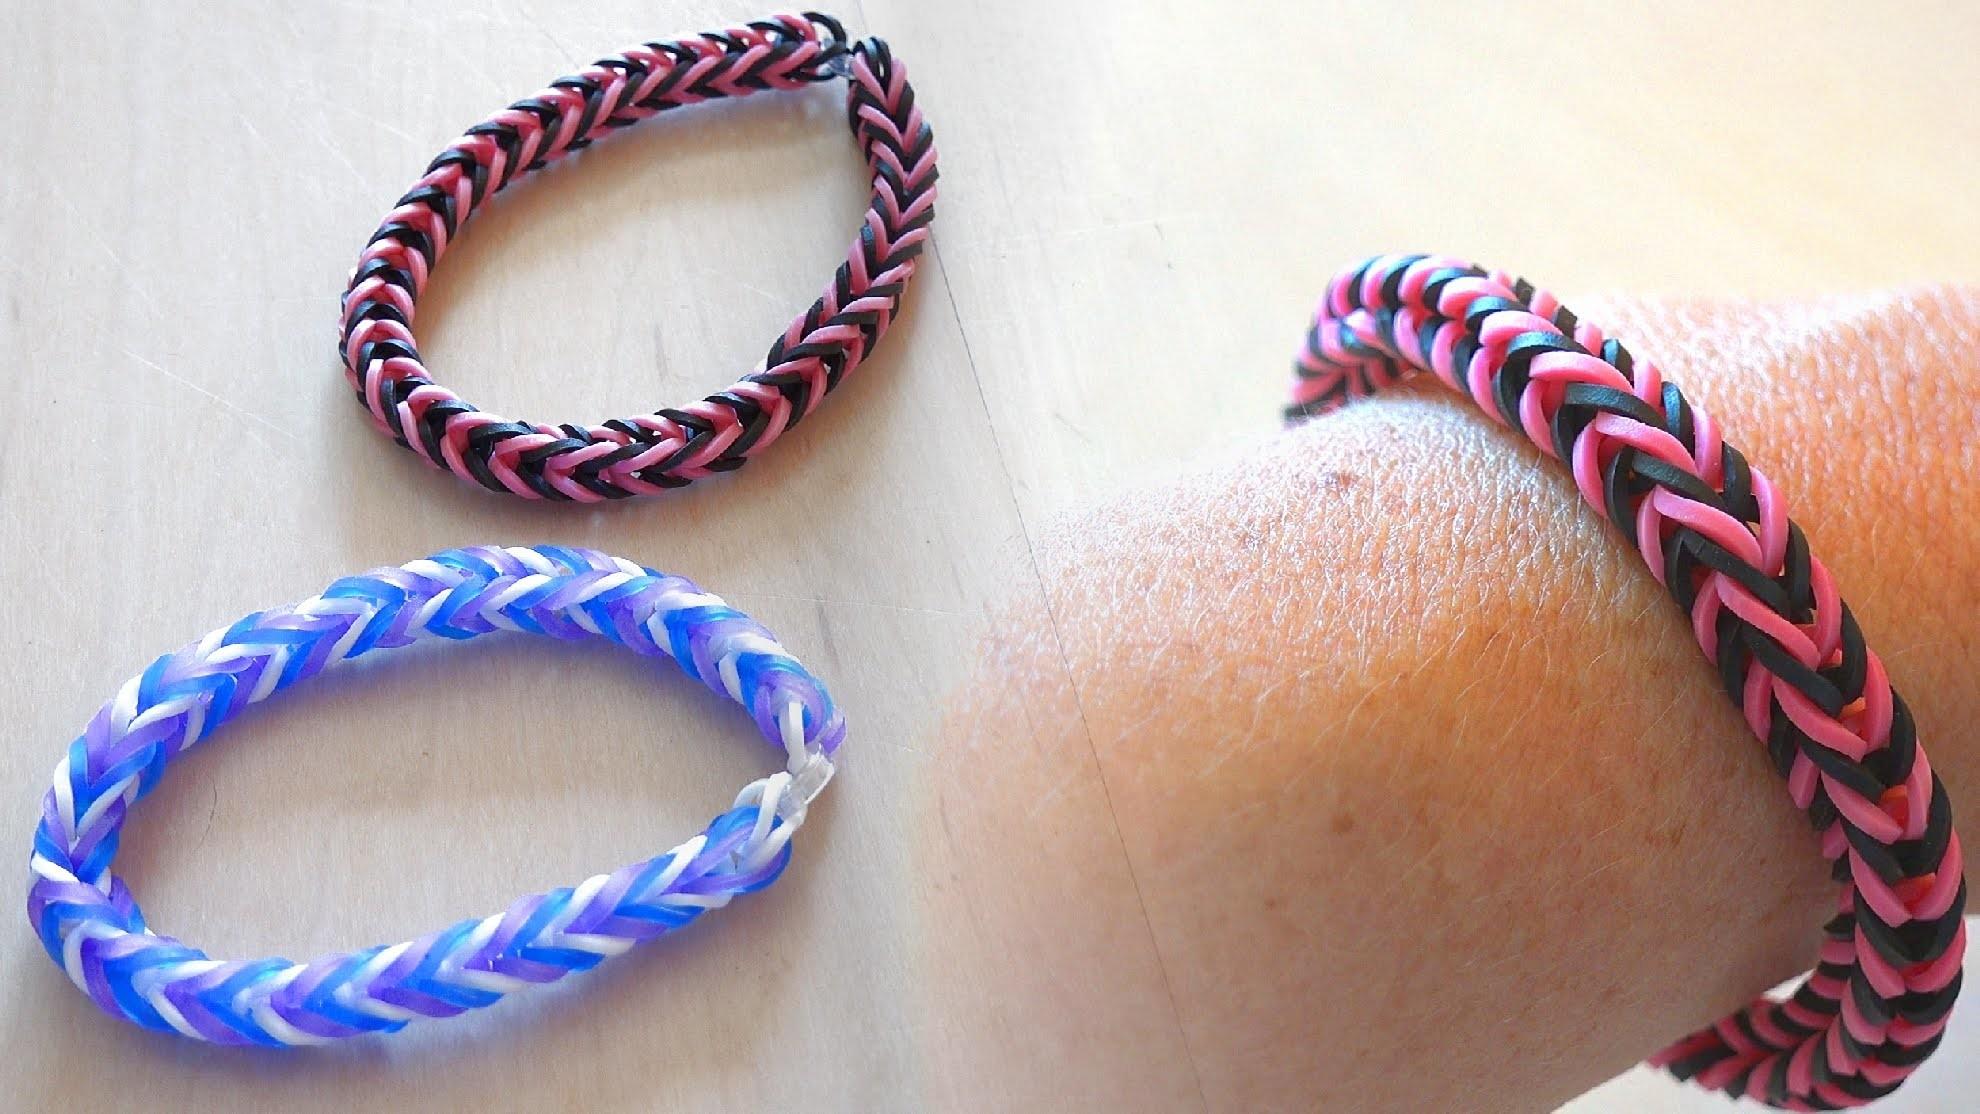 Einfaches Rainbow Loom Gummi Armband - leicht mit Kindern zu basteln